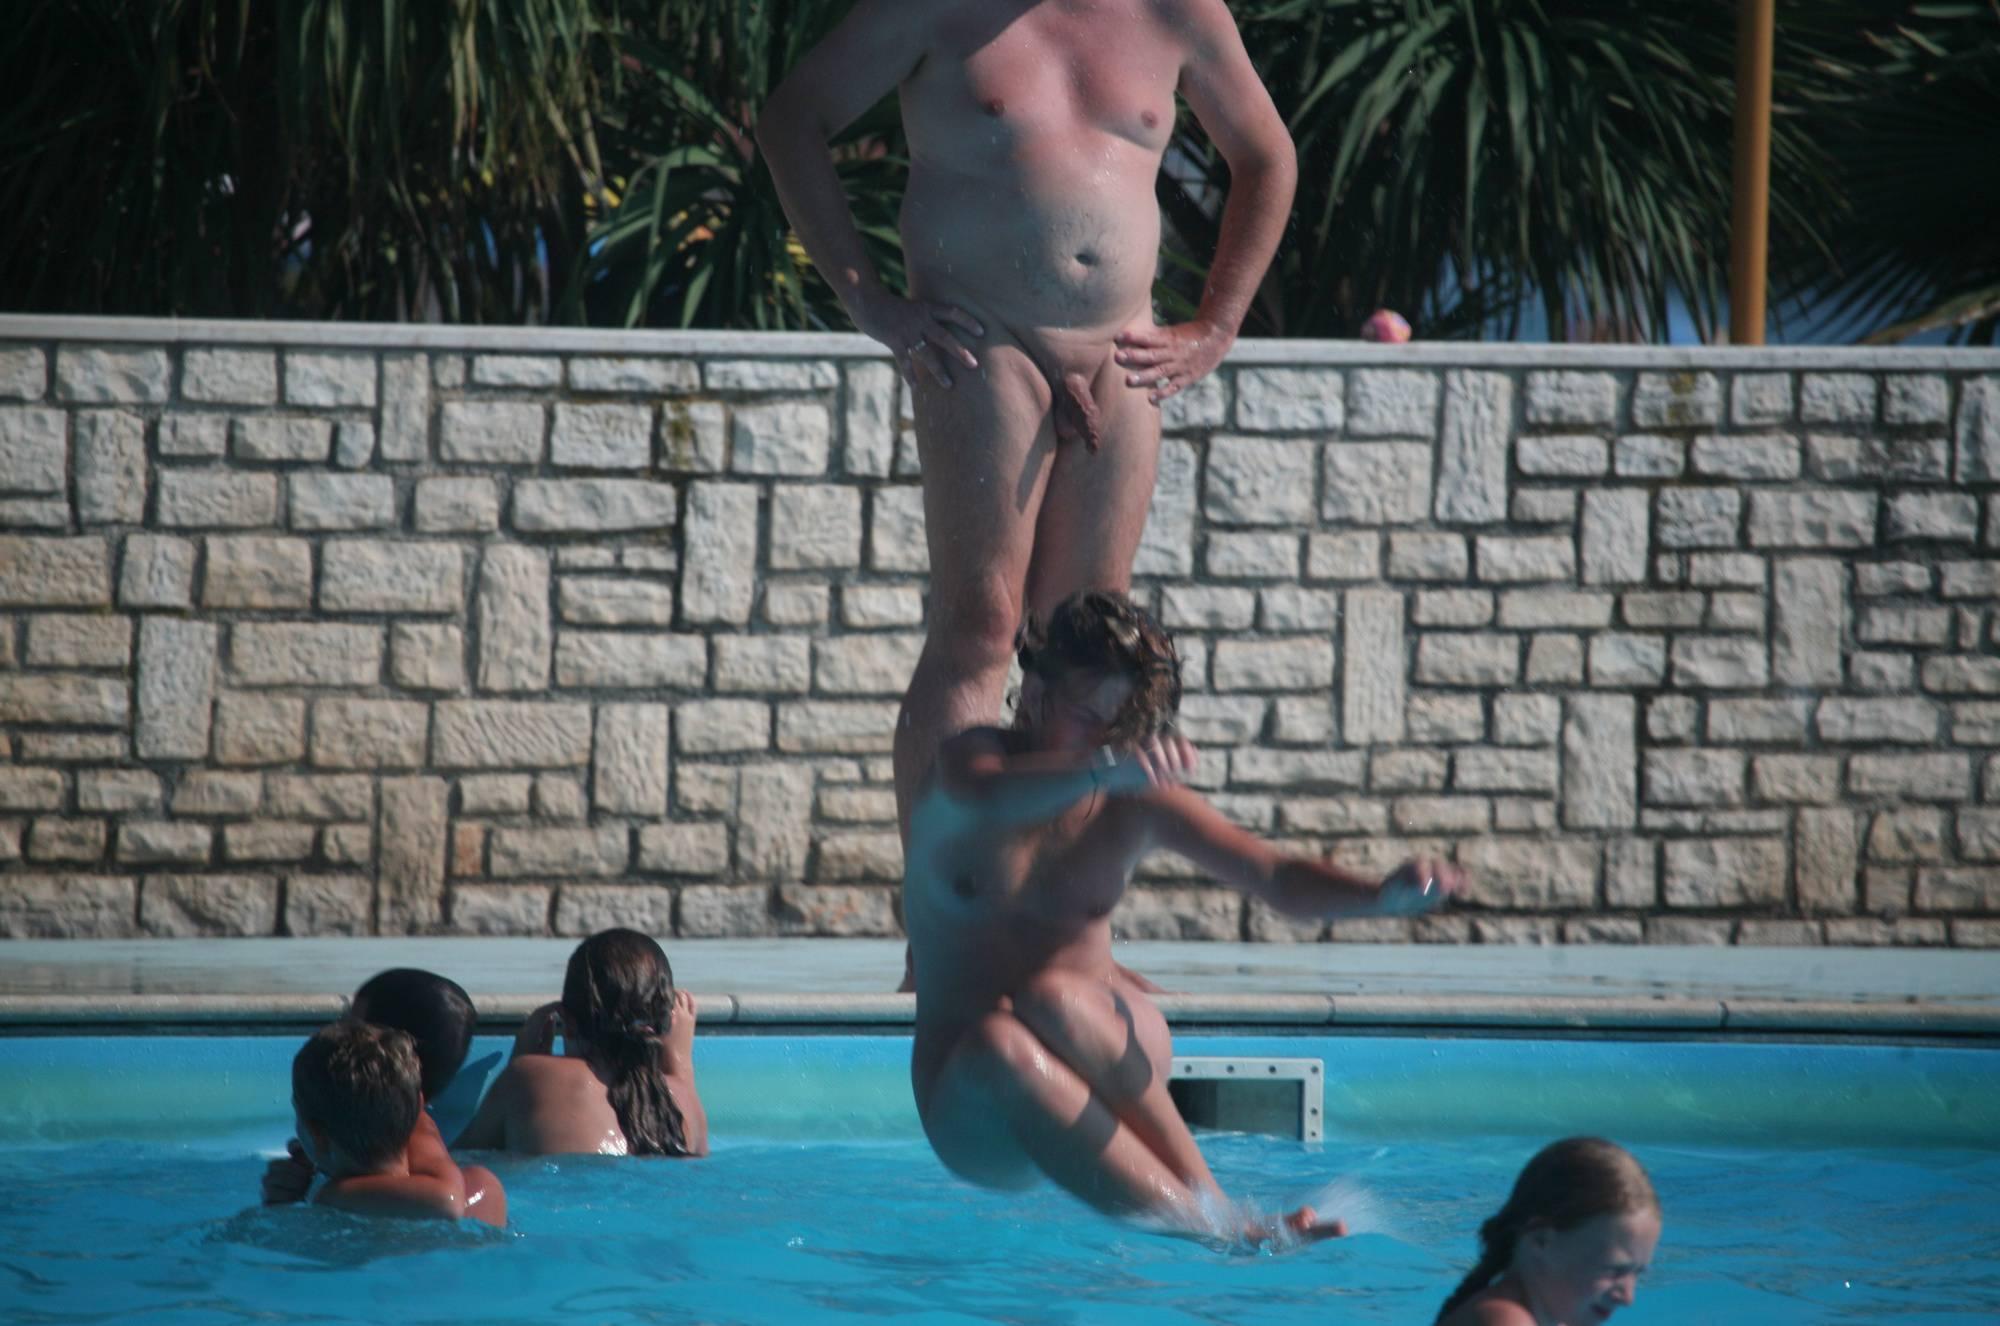 Inside Nudist Pool Waters - 2